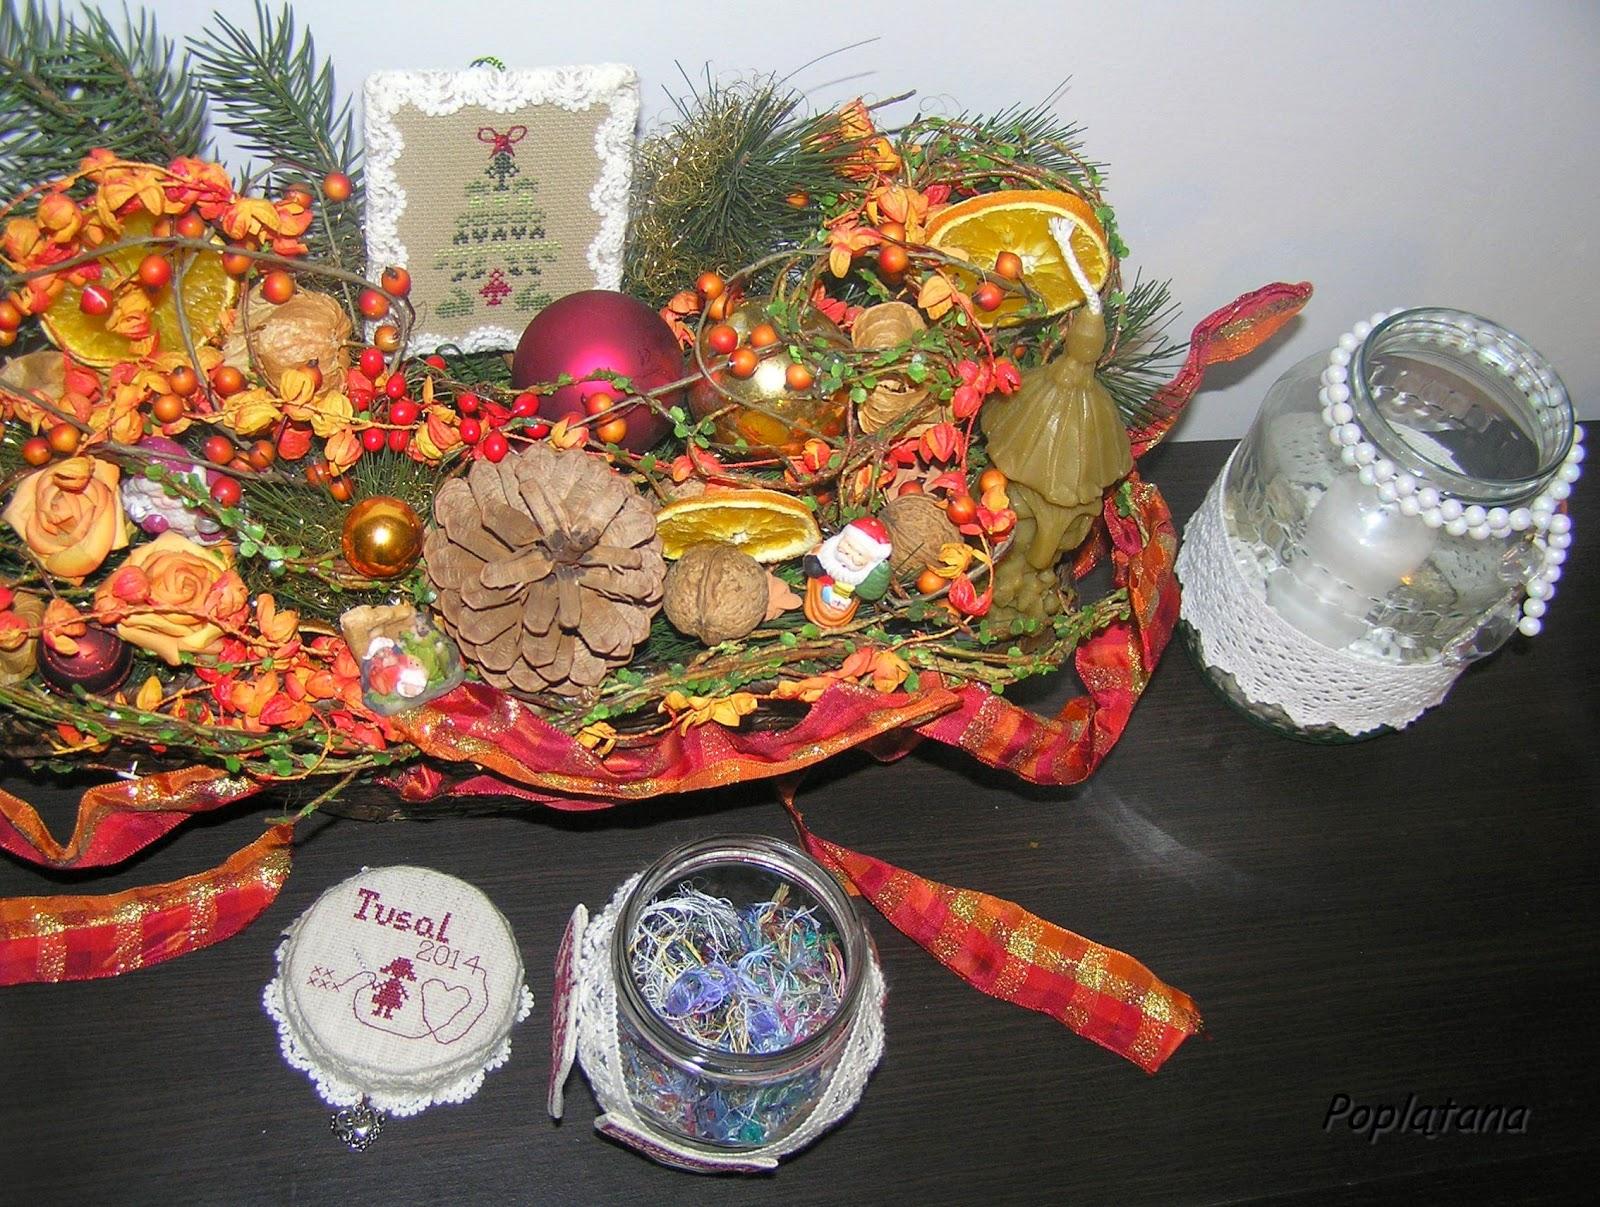 Tusal 2014r – odsłona 13 ….oraz Życzenia Bożonarodzeniowe.